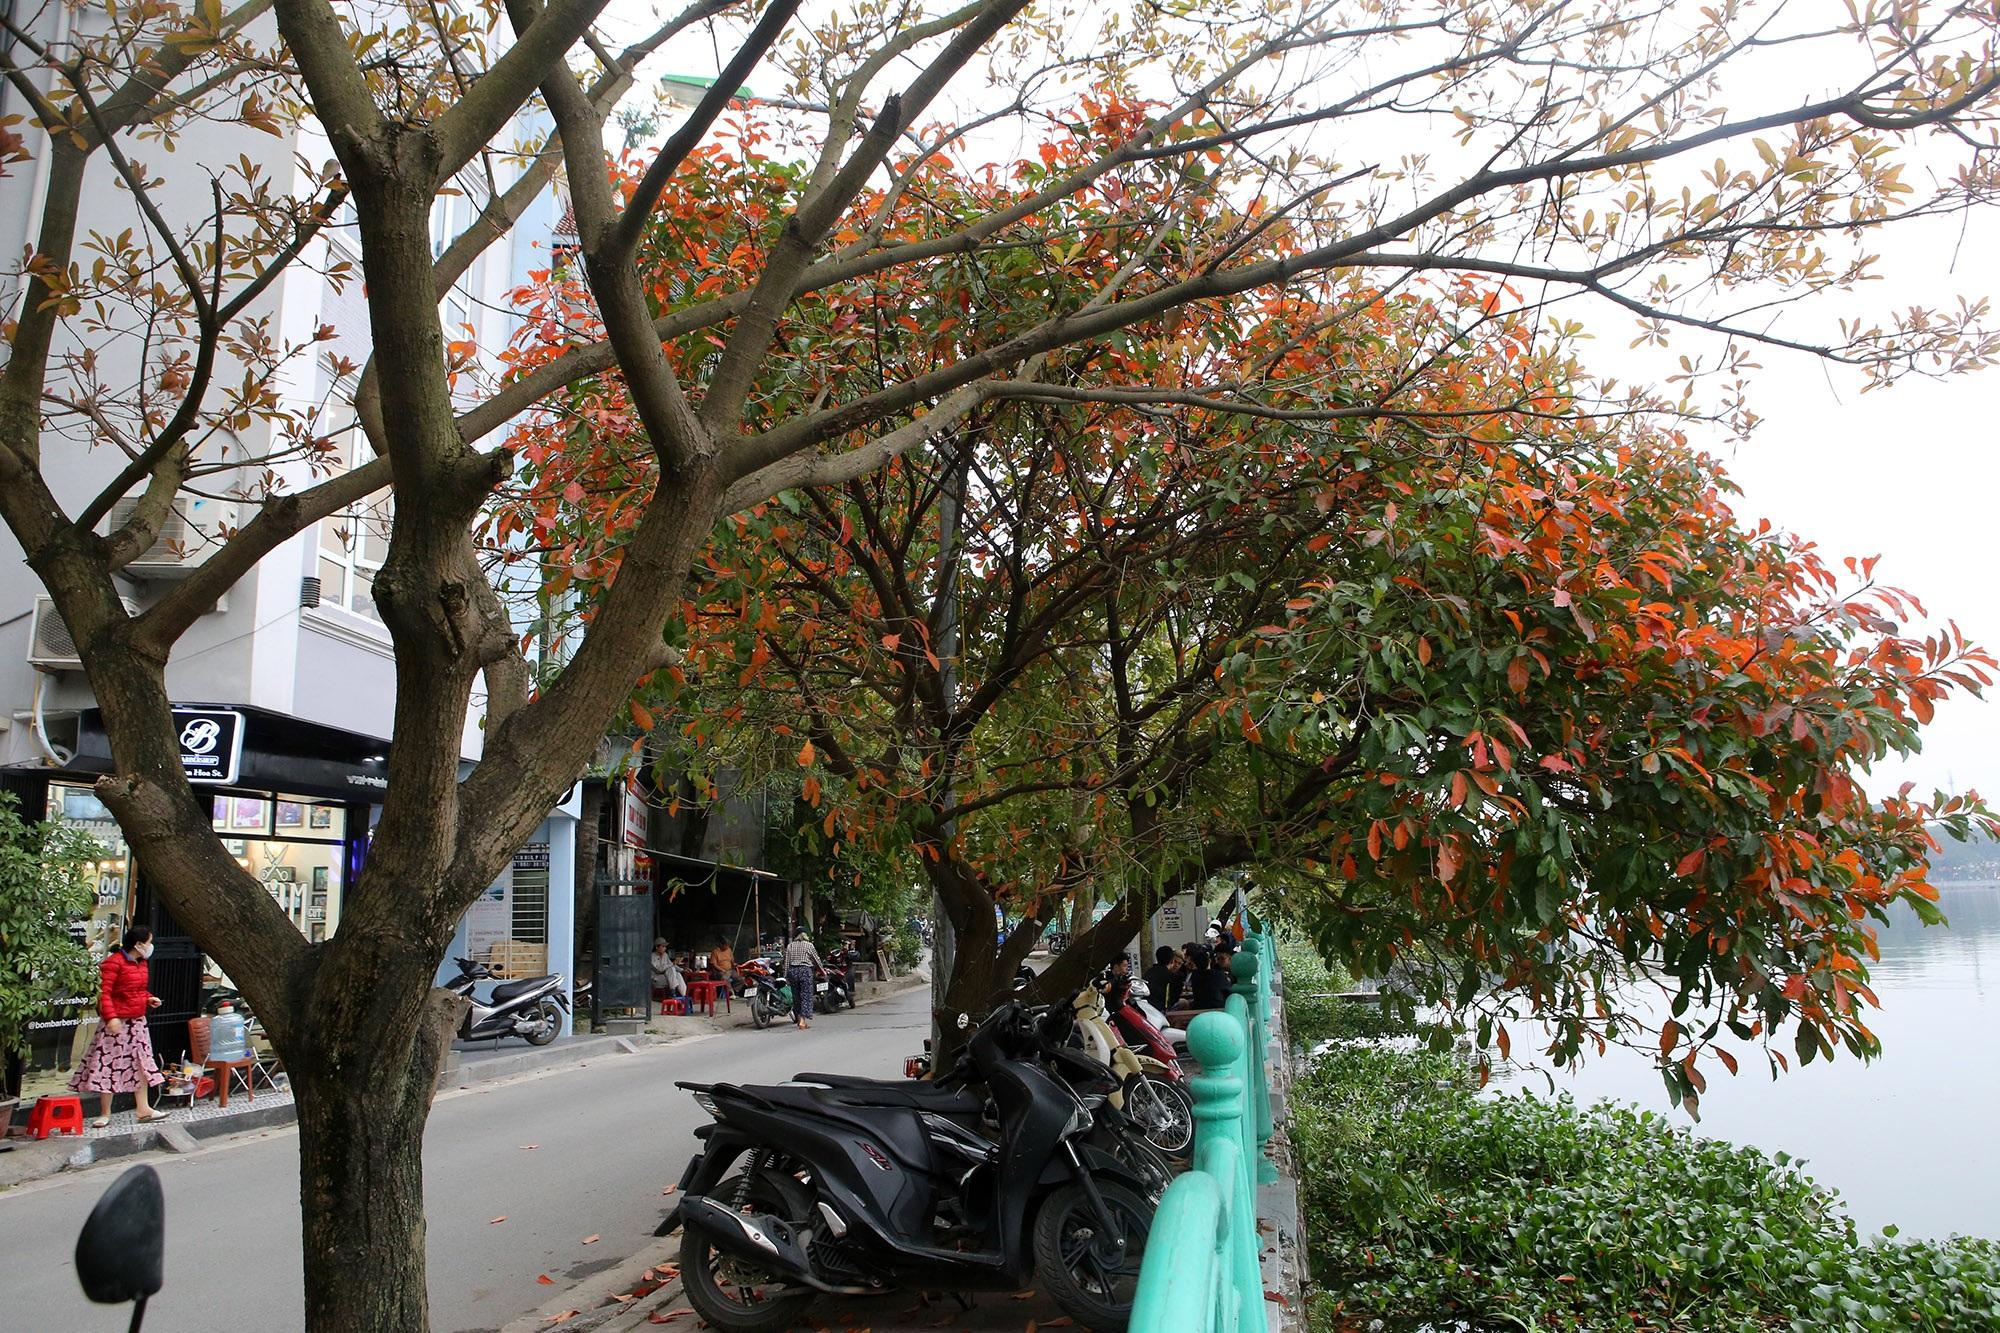 Hà Nội: Ngắm hồ Tây đẹp lãng mạn vào mùa cây thay lá - 14